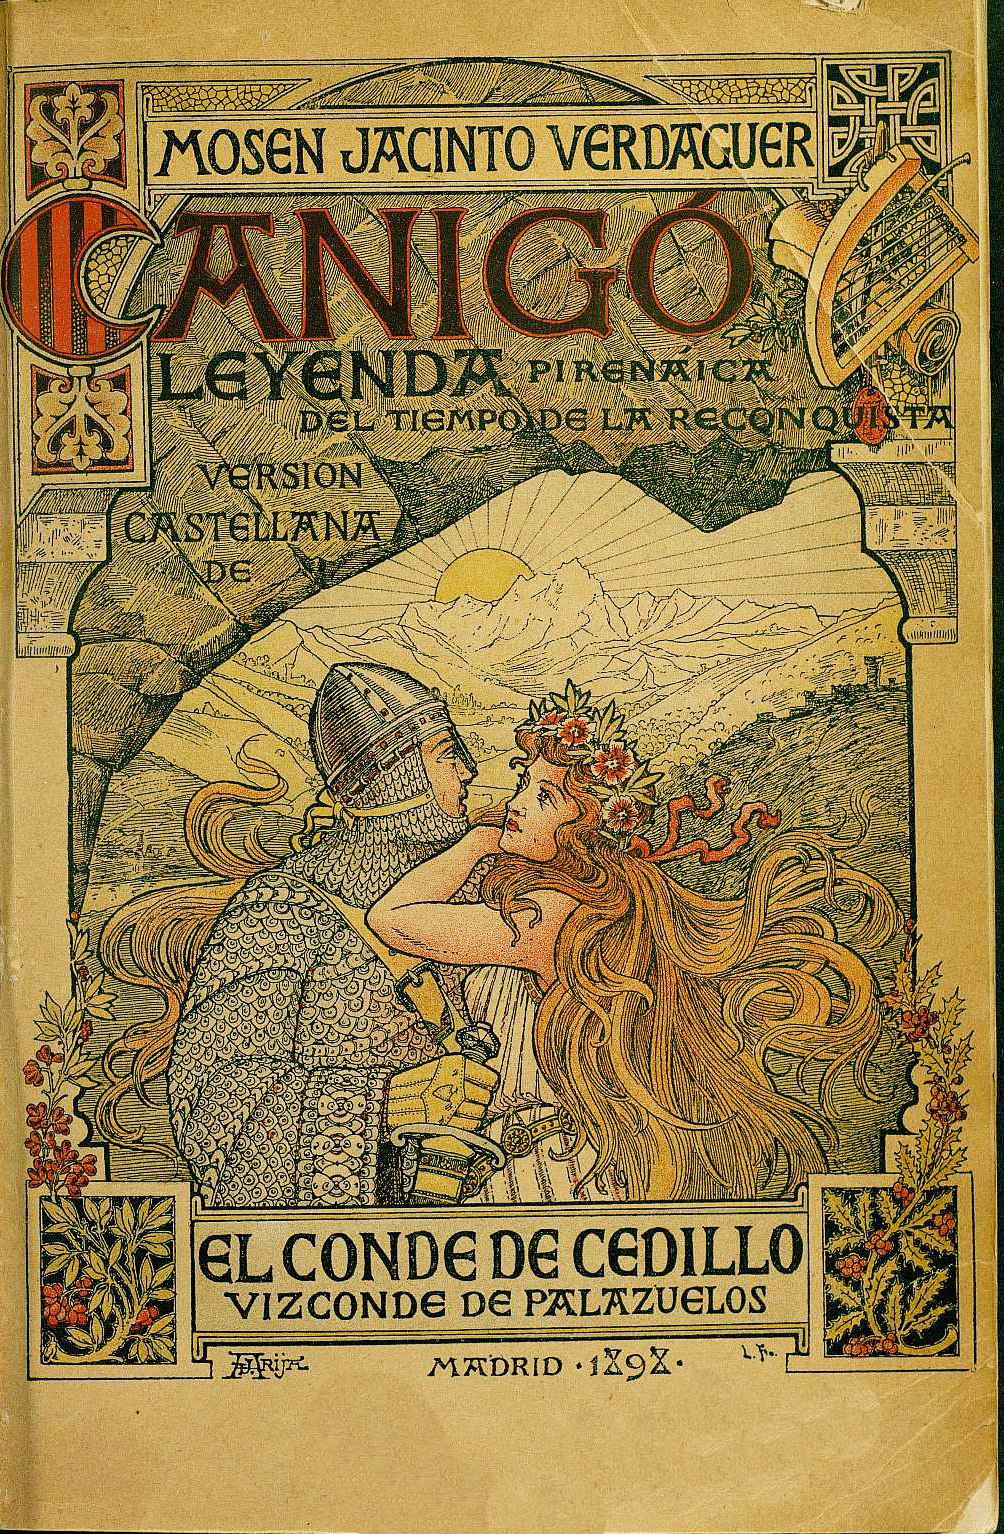 Portada de una edición madrileña en castellano de Canigó (1898), obra del dibujante José Arija.